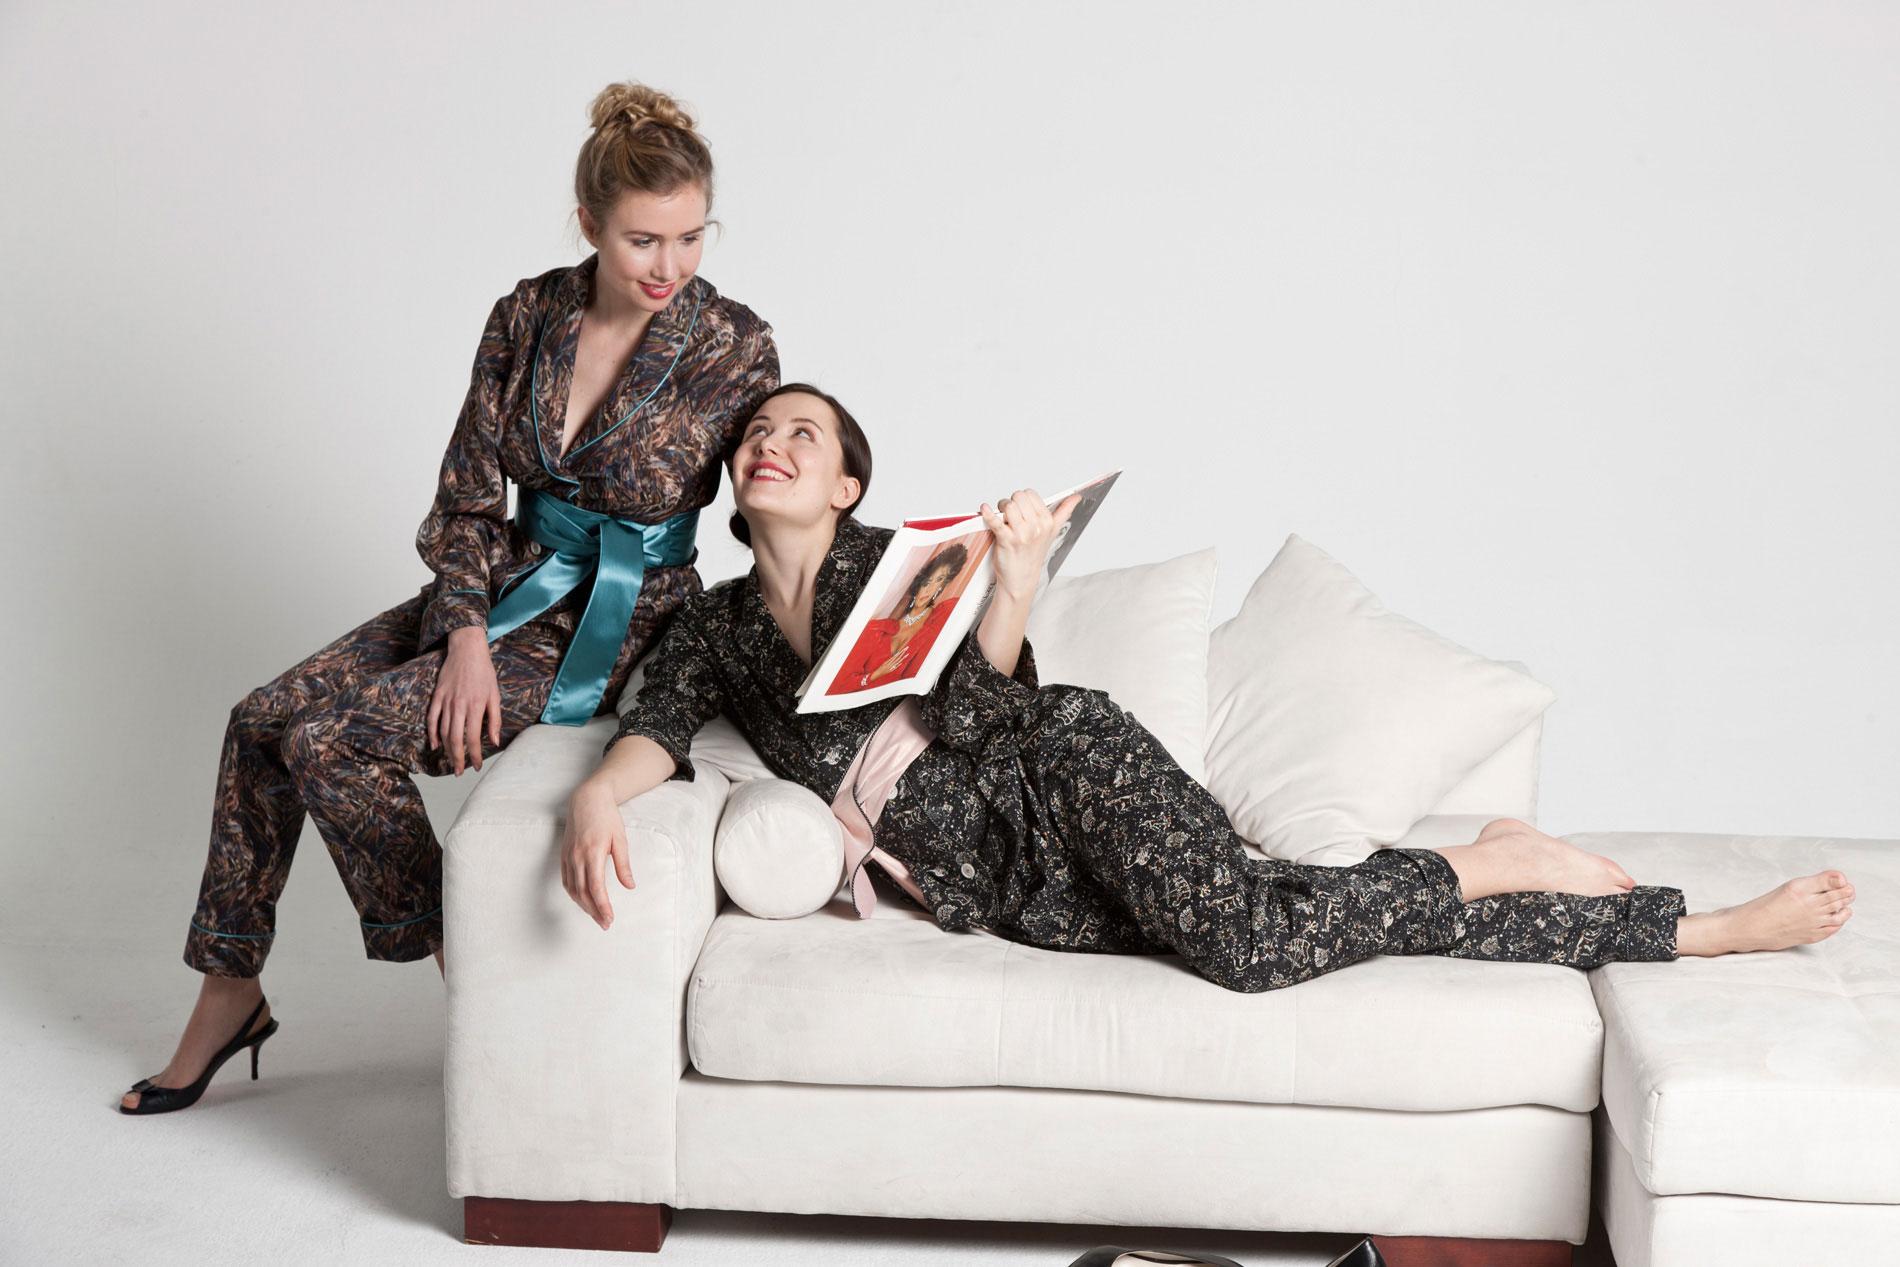 Pyjama Montauk & Pyjama Berlin  model_romy adler, arijana rubin  photo_chris böhm